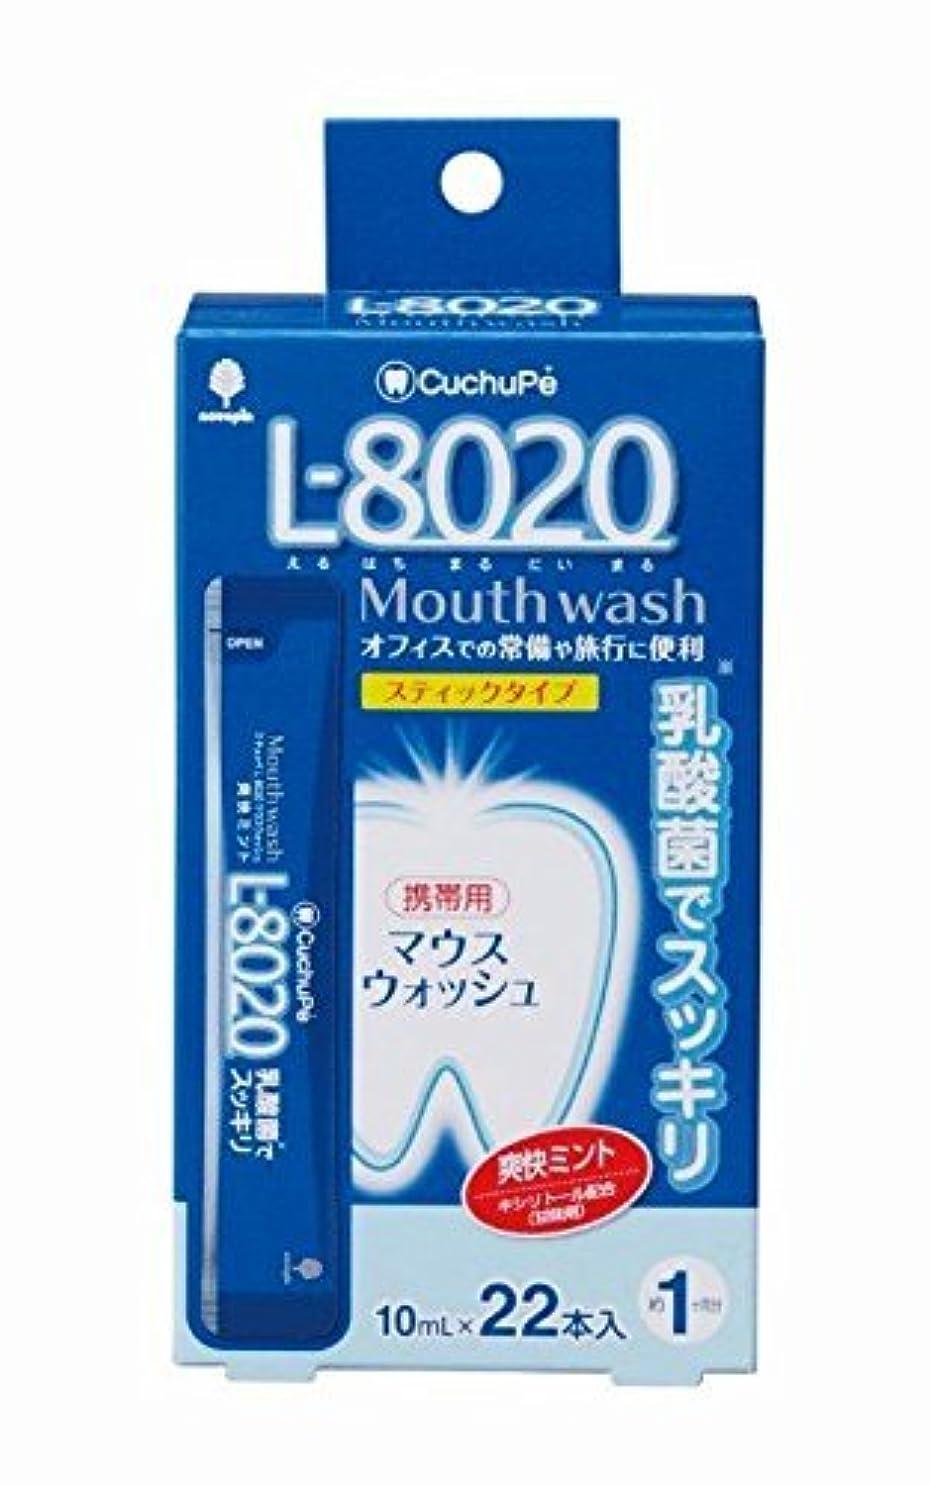 テセウスペッカディロテスピアンクチュッペL-8020爽快ミントスティックタイプ22本入(アルコール) 【まとめ買い6個セット】 K-7047 日本製 Japan